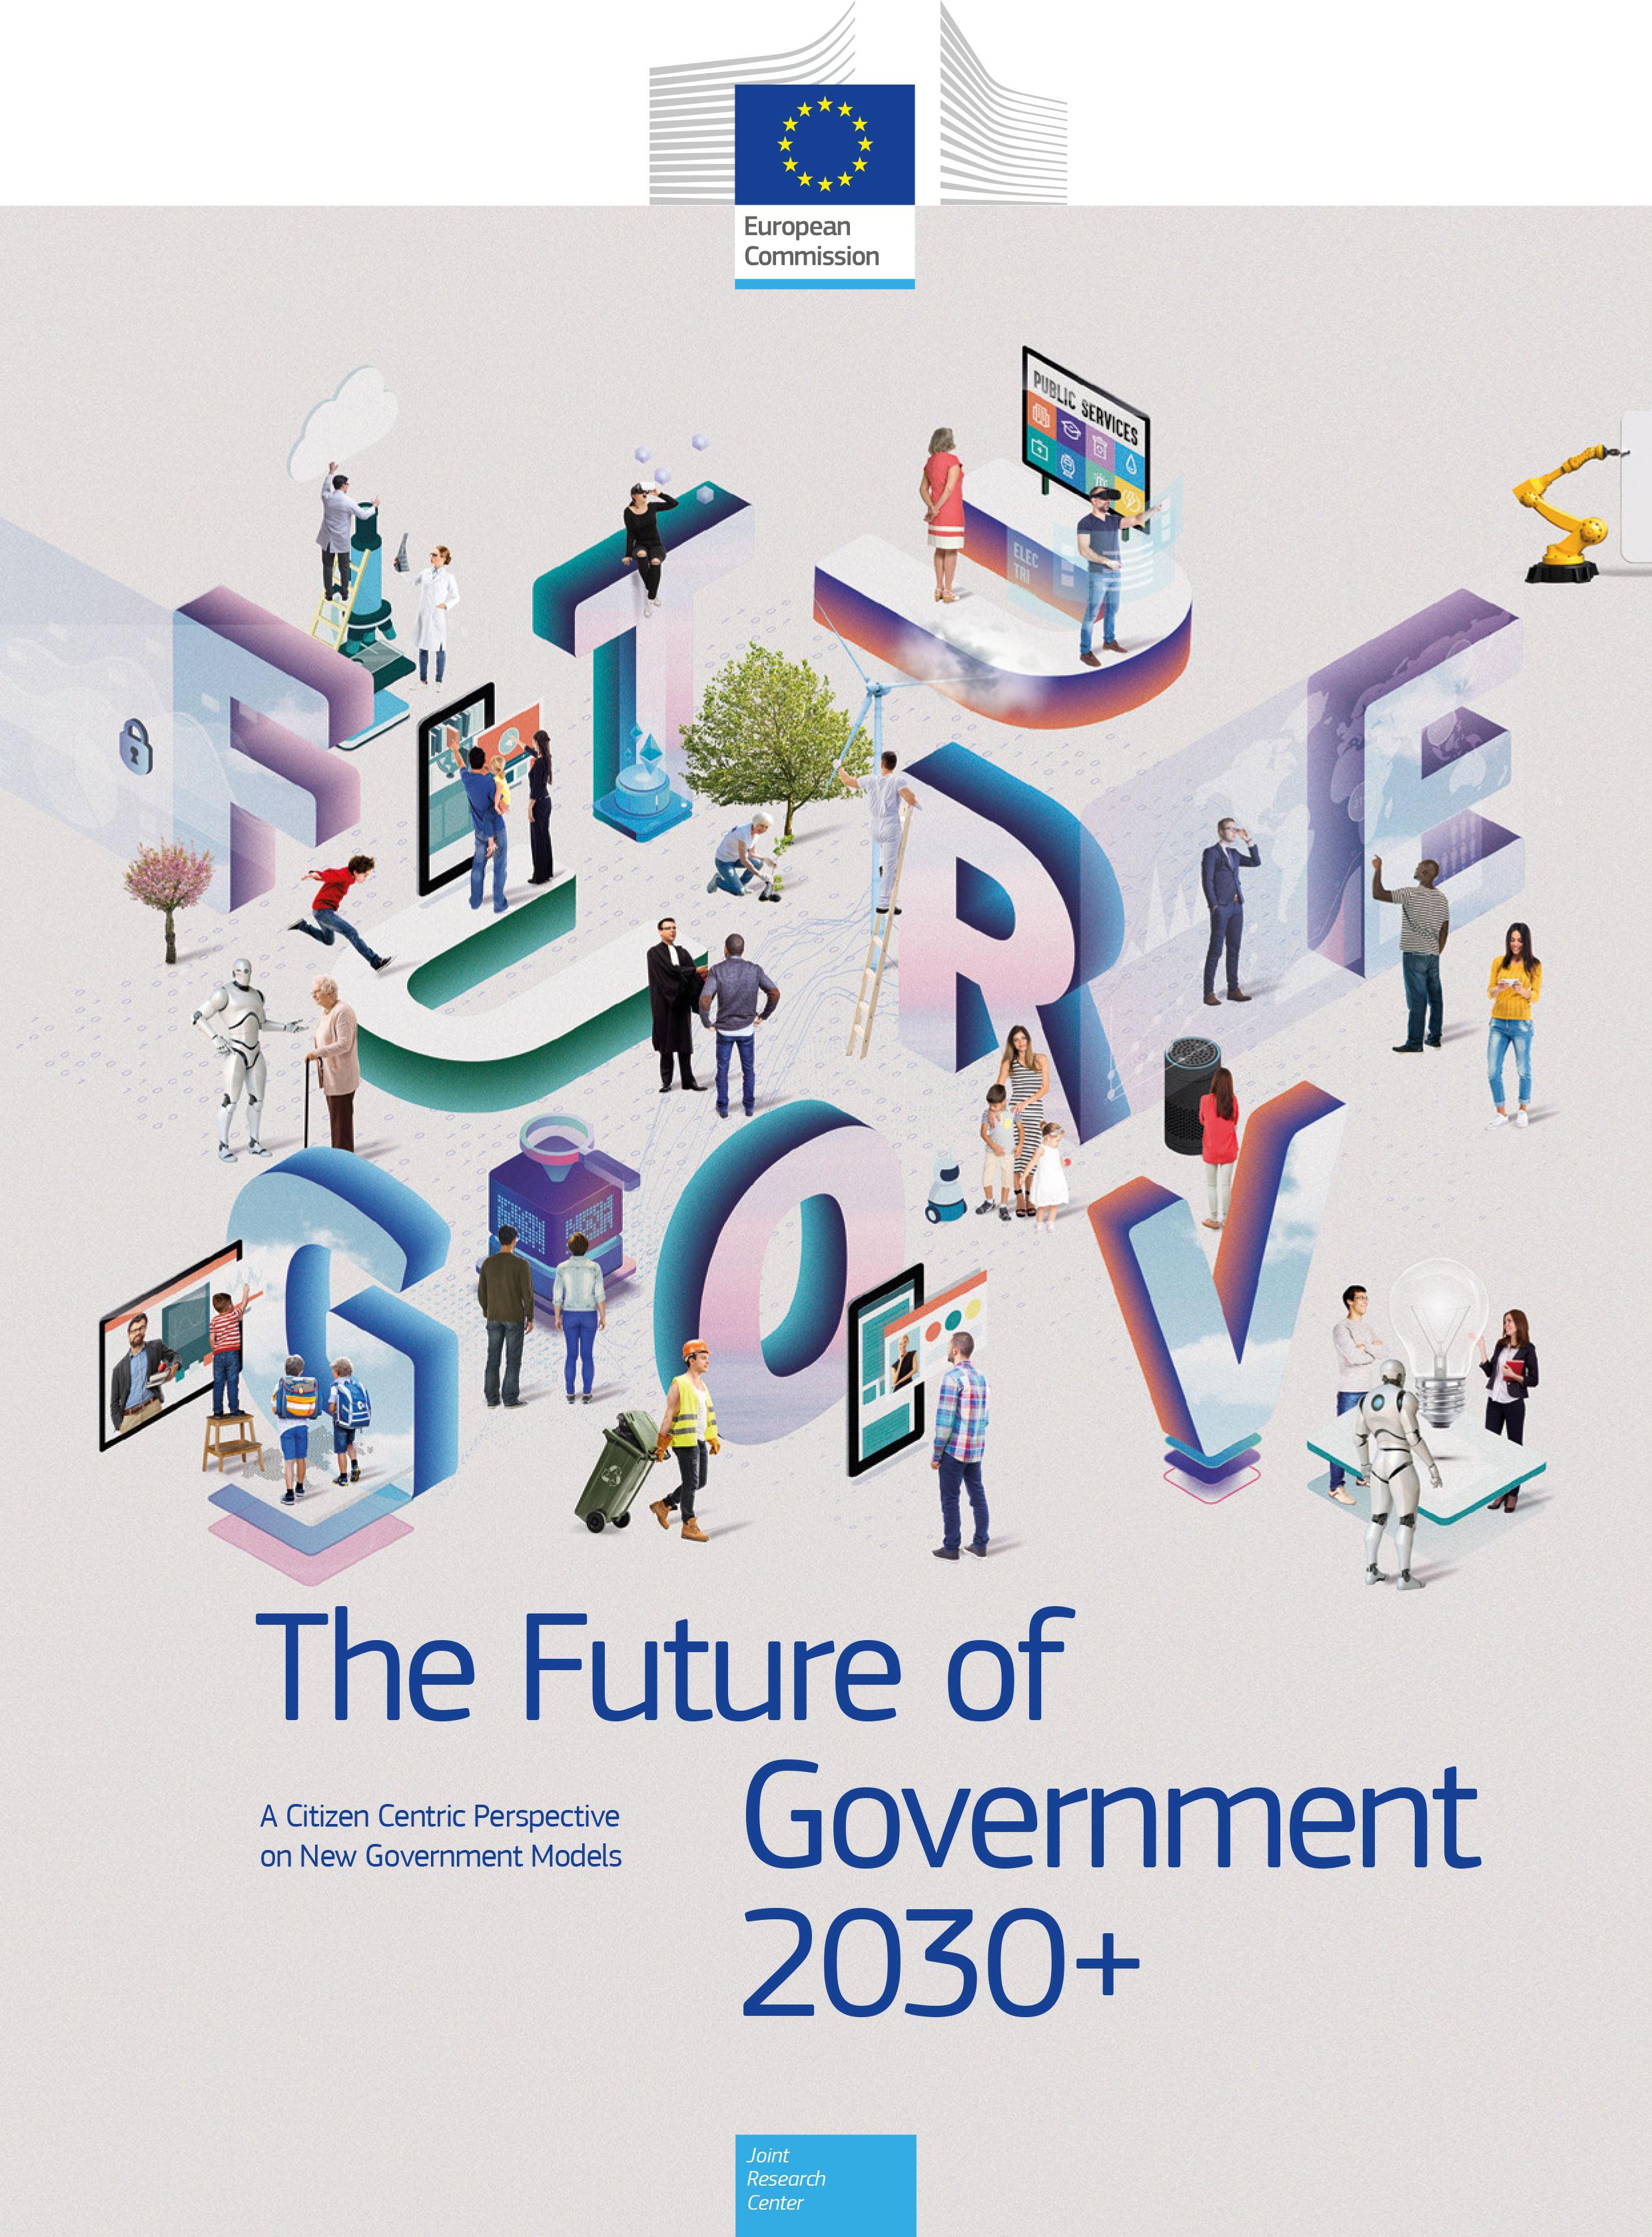 El Club Nuevo Mundo participa en un proyecto europeo sobre los futuros modelos de Gobierno de la UE